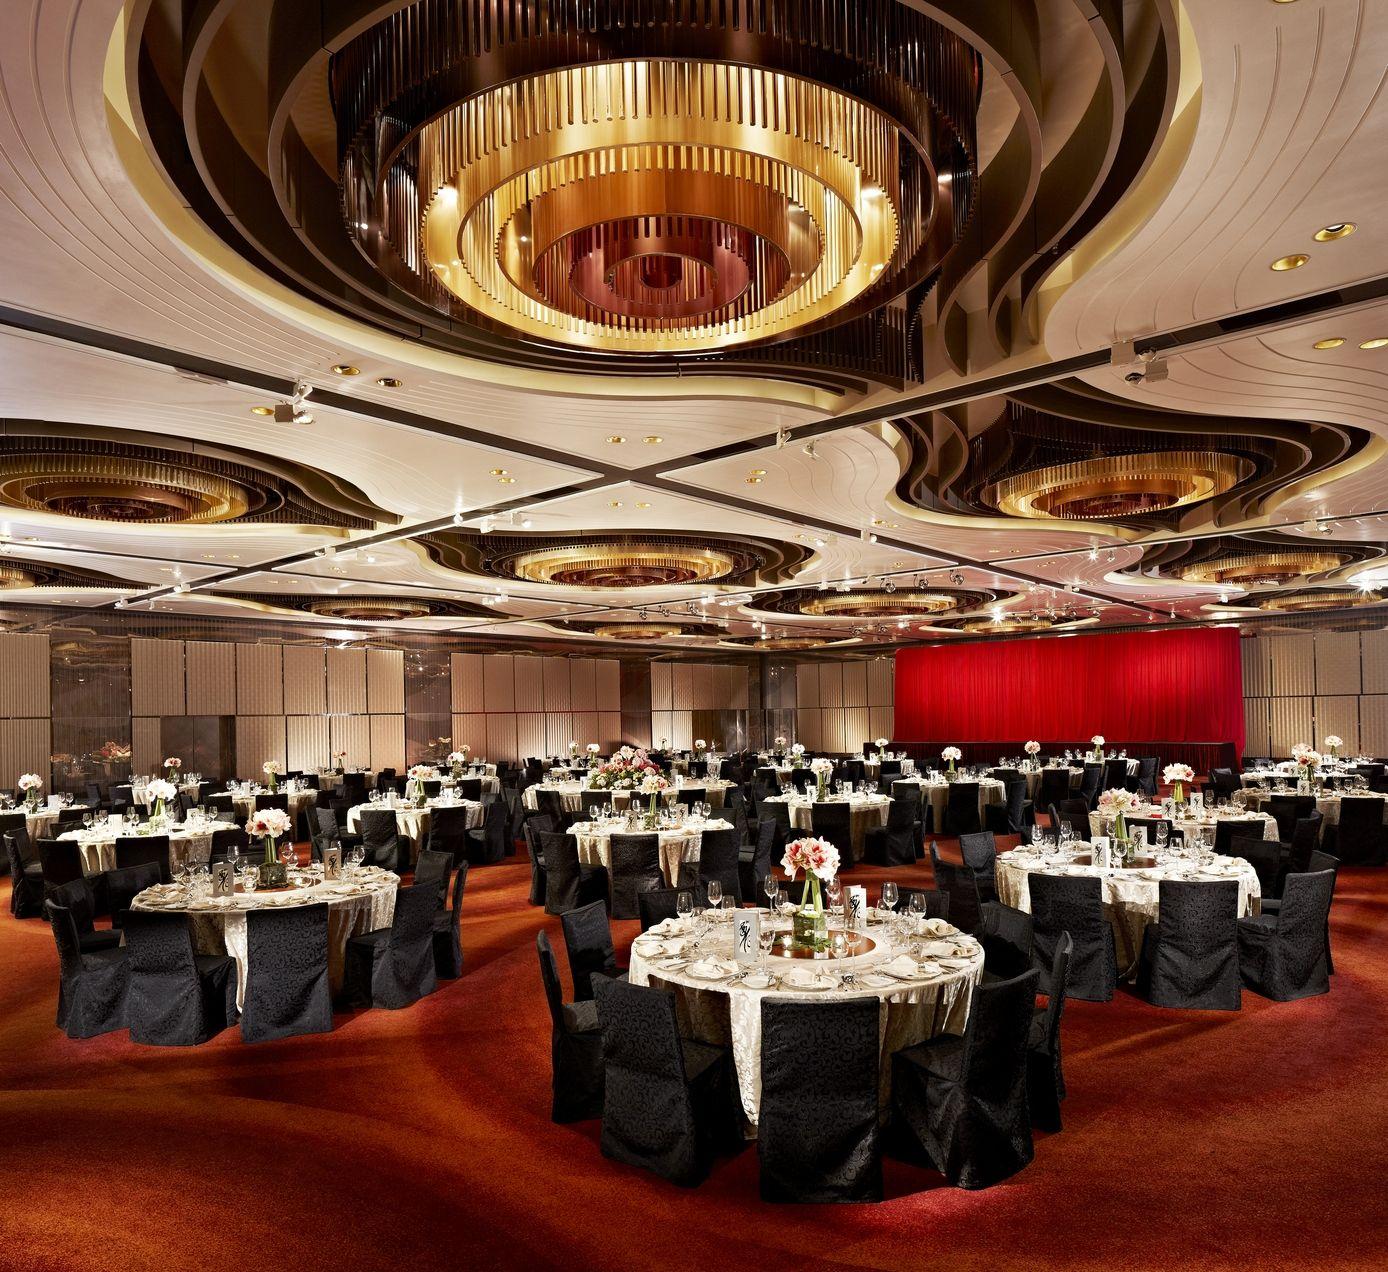 InterContinental Hong Kong Ballroom